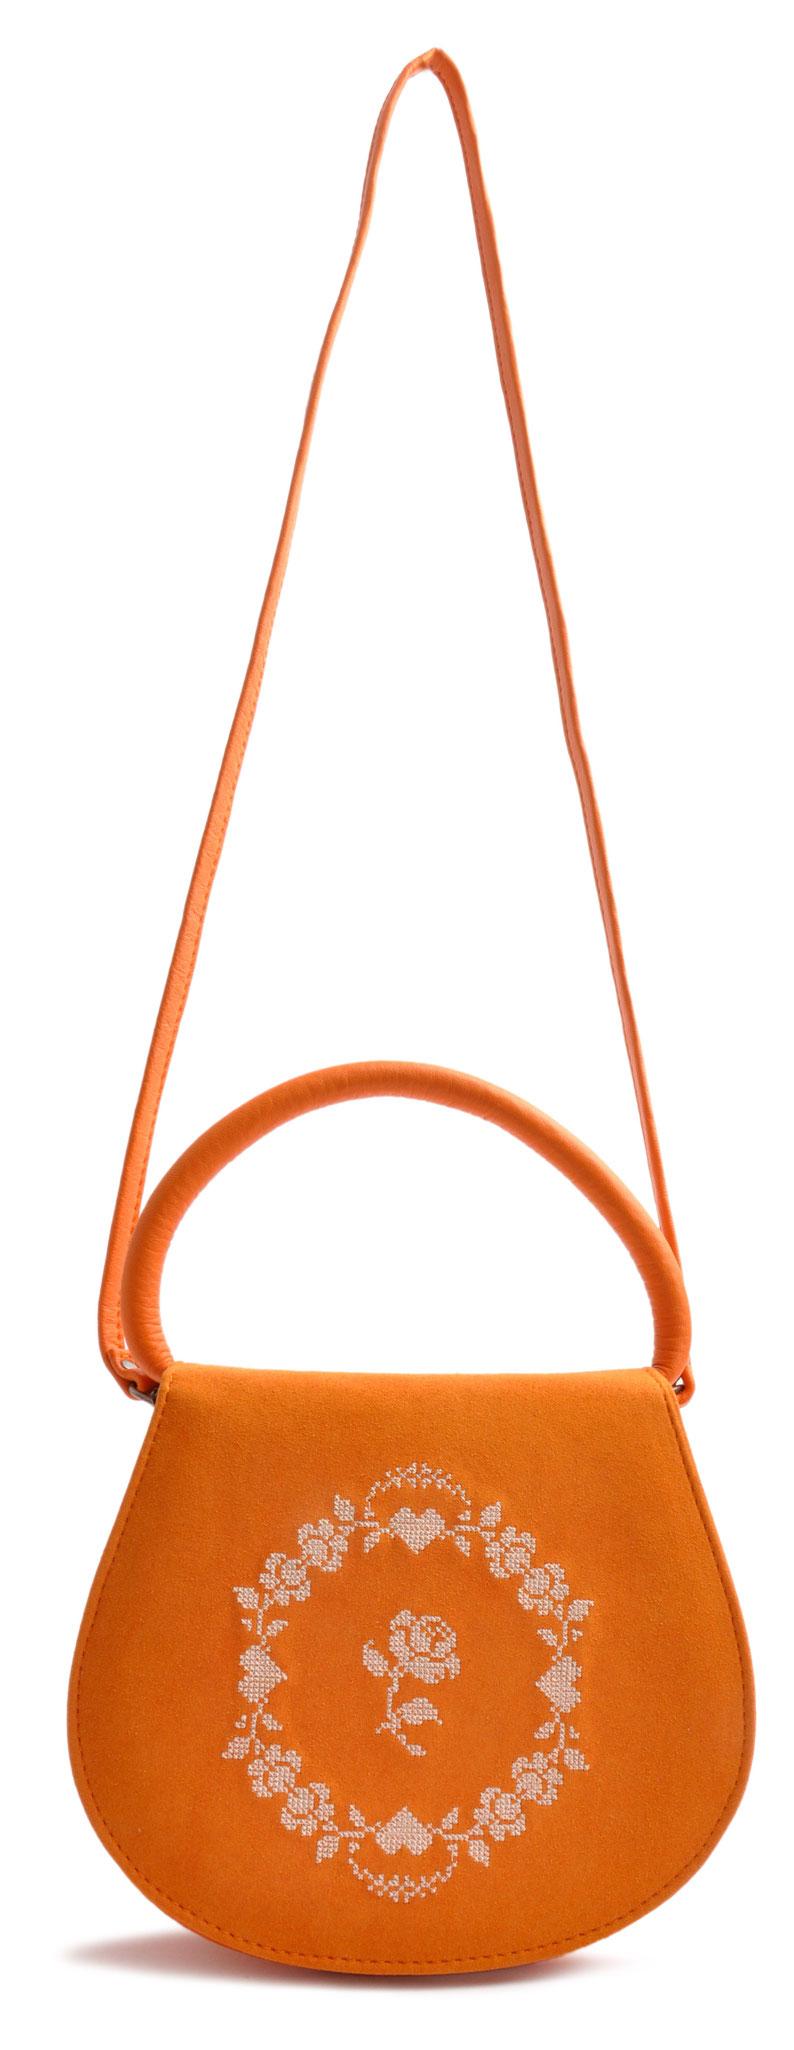 Schultertasche zur Tracht .  Leder orange . versandkostenfrei bestellen OSTWALD Traditional Craft